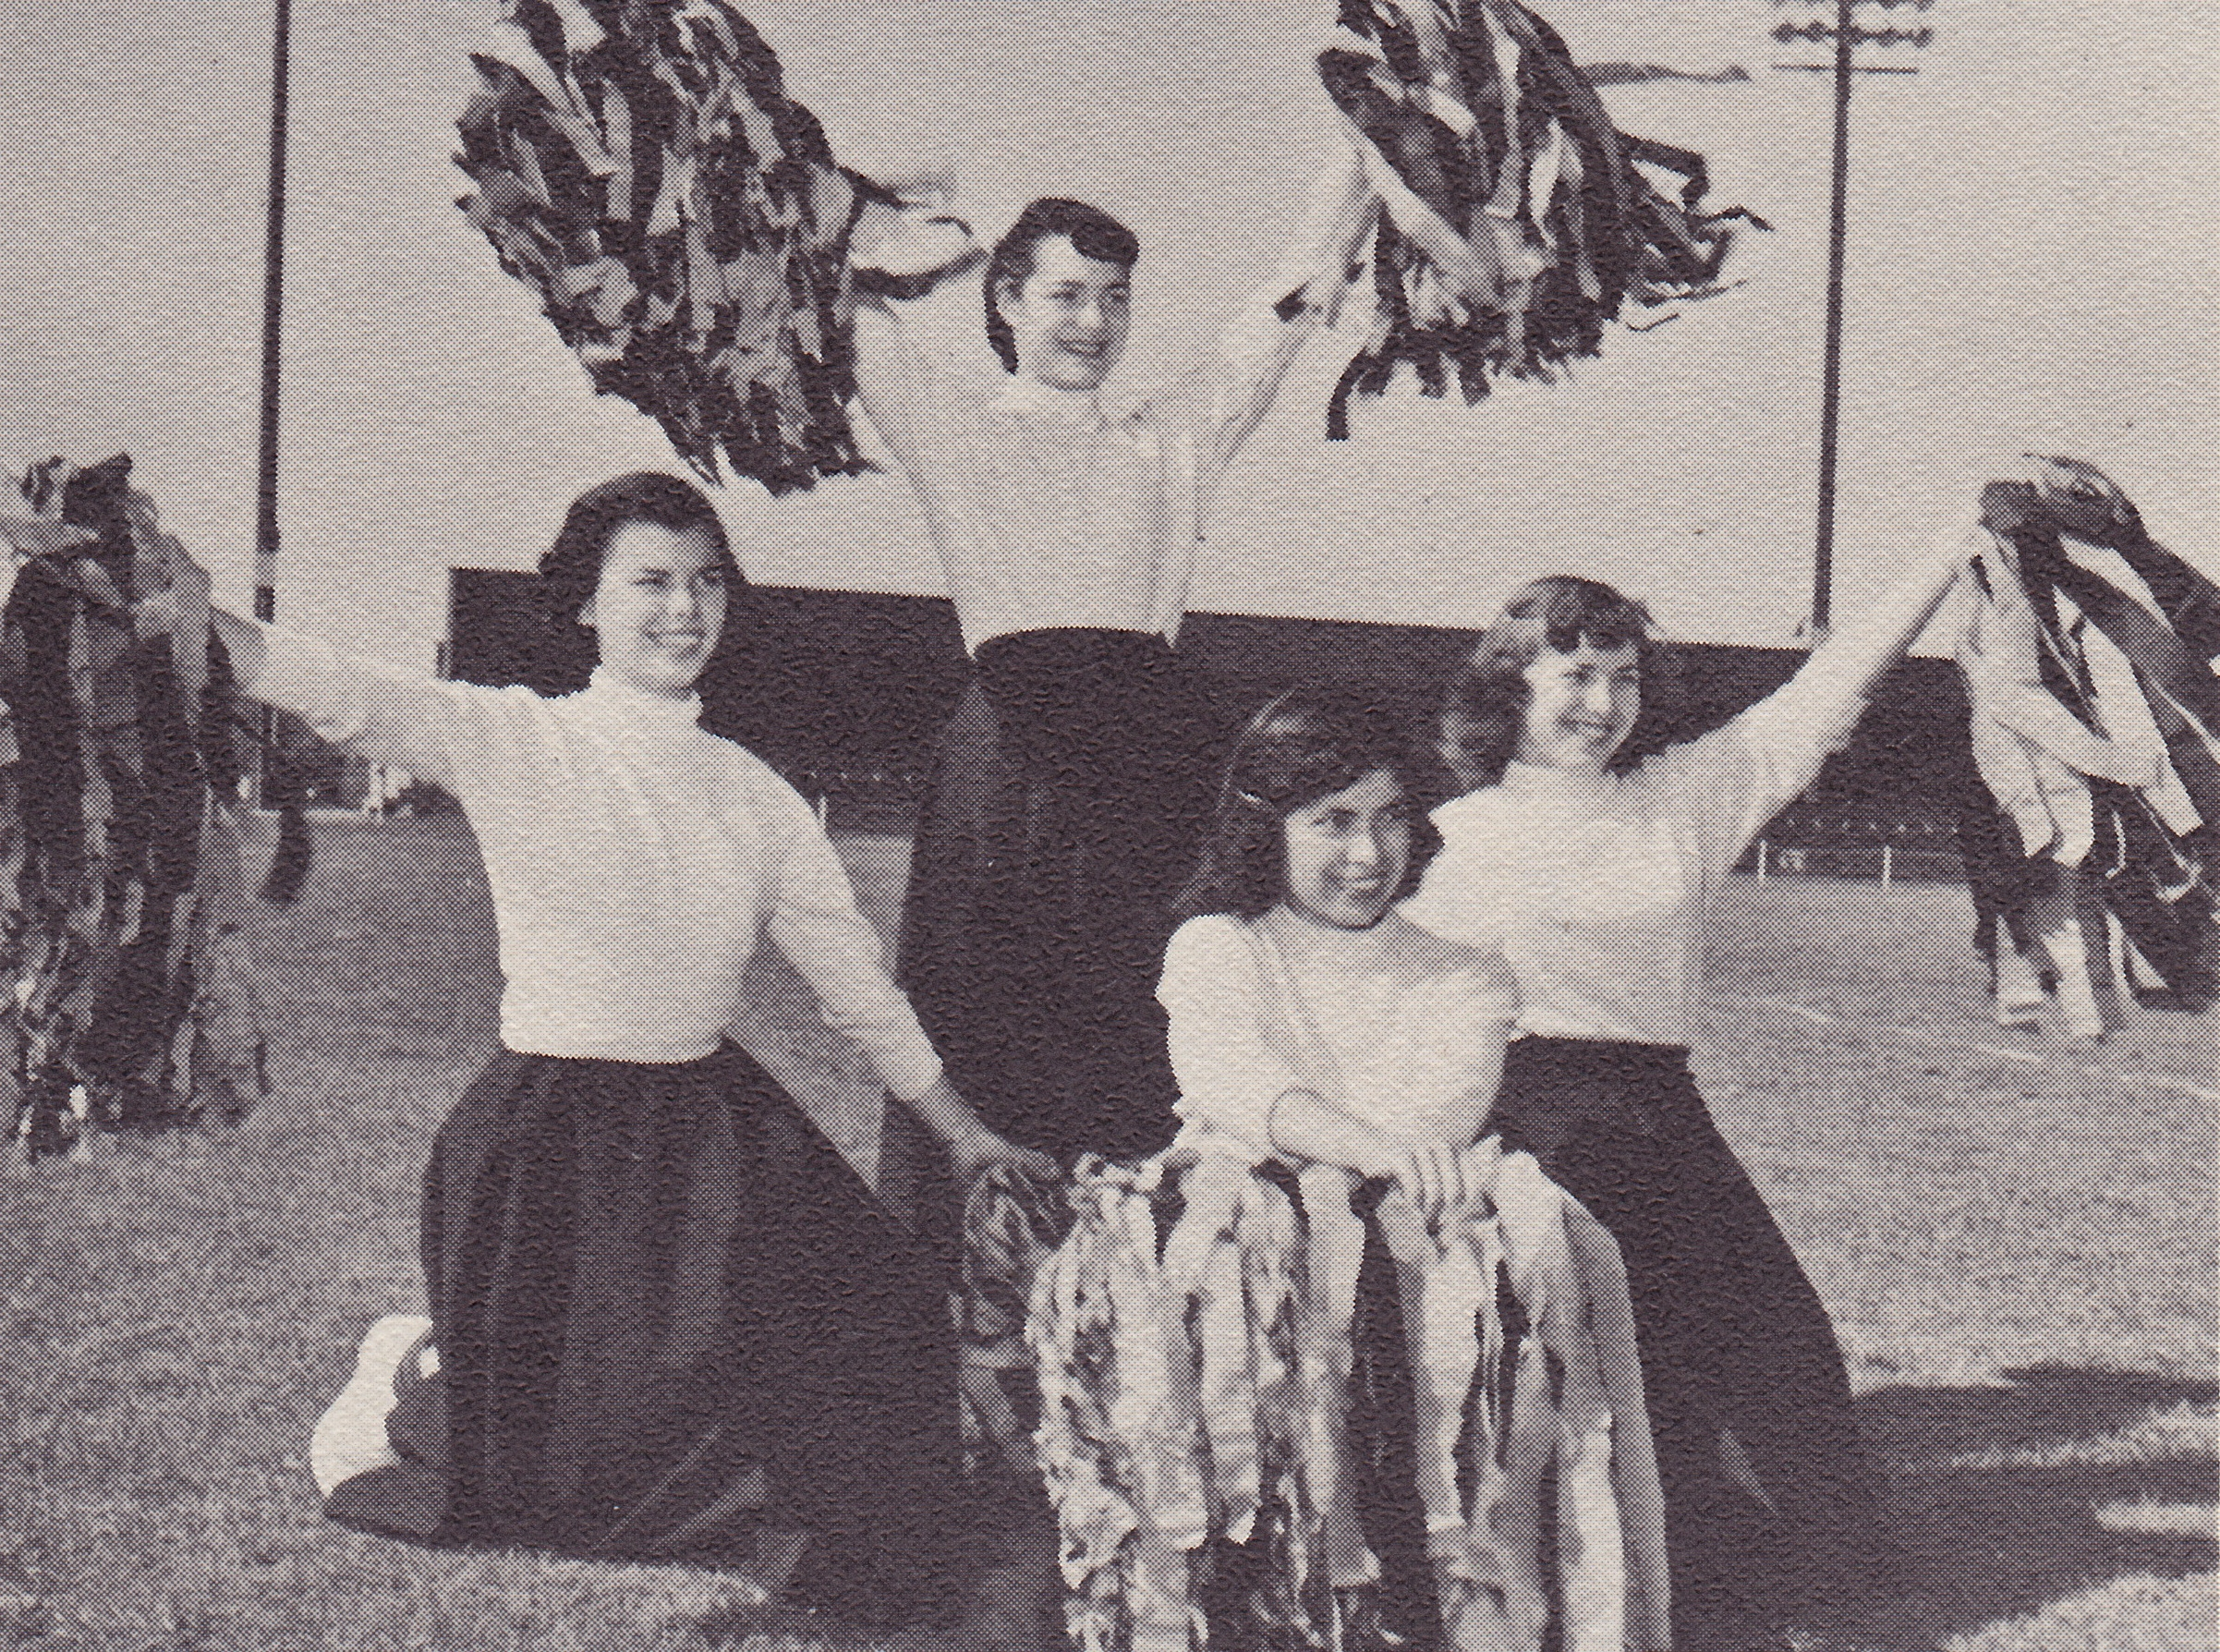 Cheerleaders (1955)